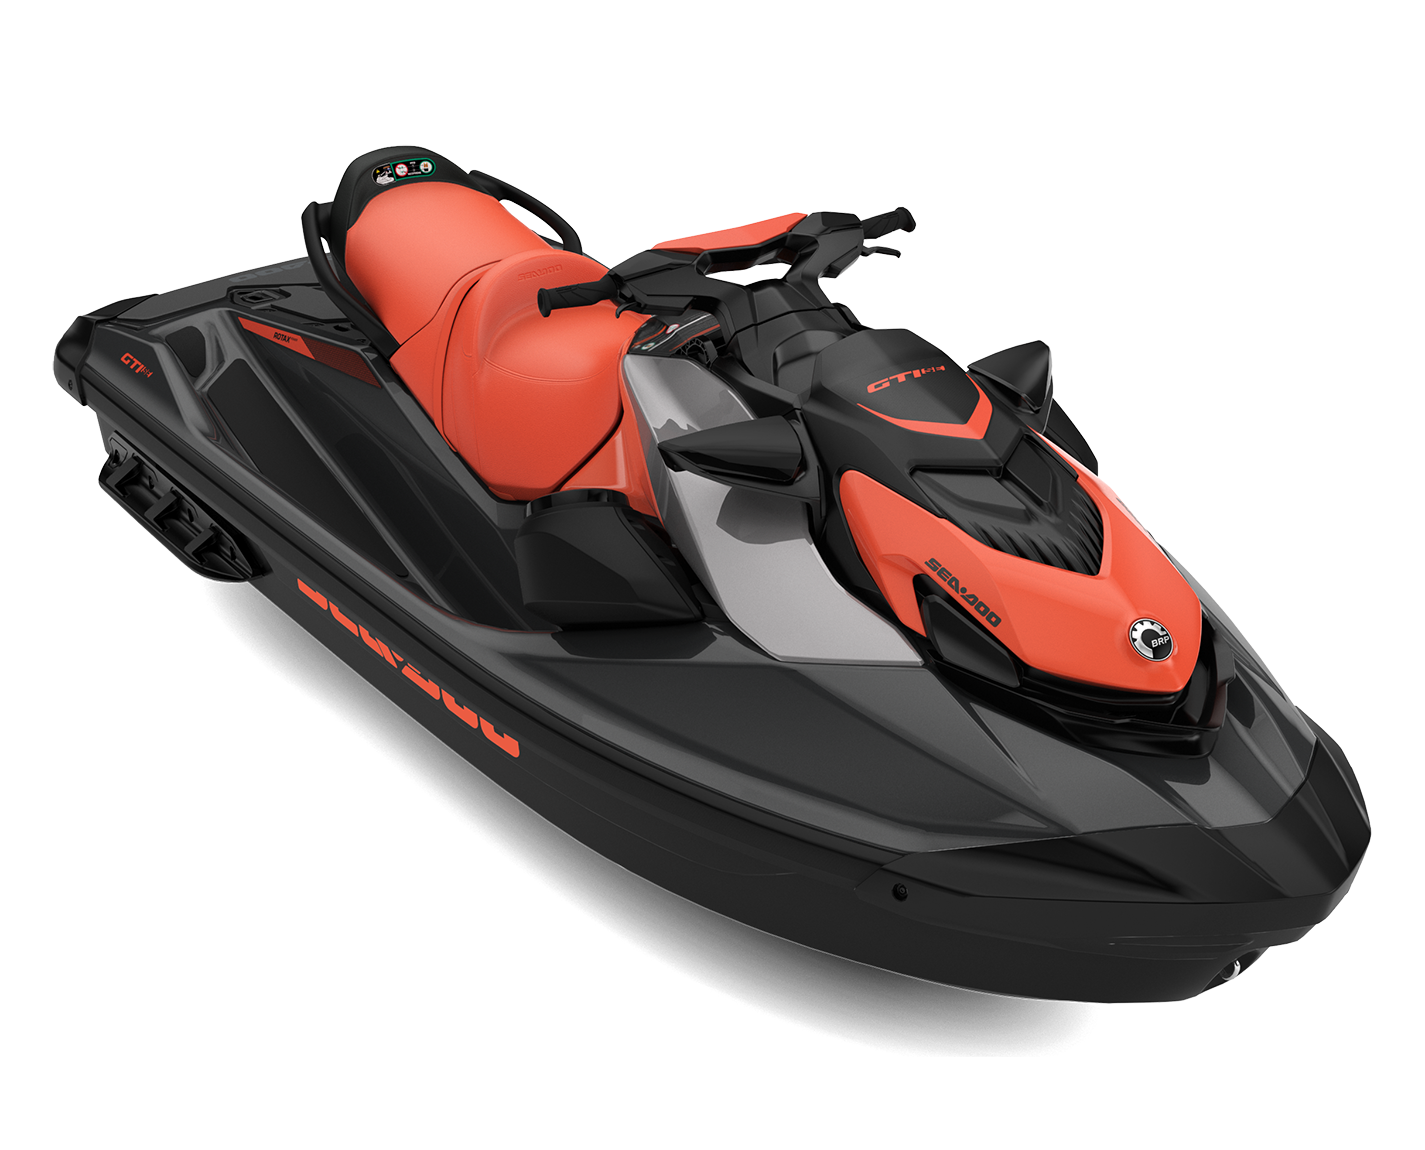 Comprar moto de agua Sea-Doo GTI SE 170 en Barcelona